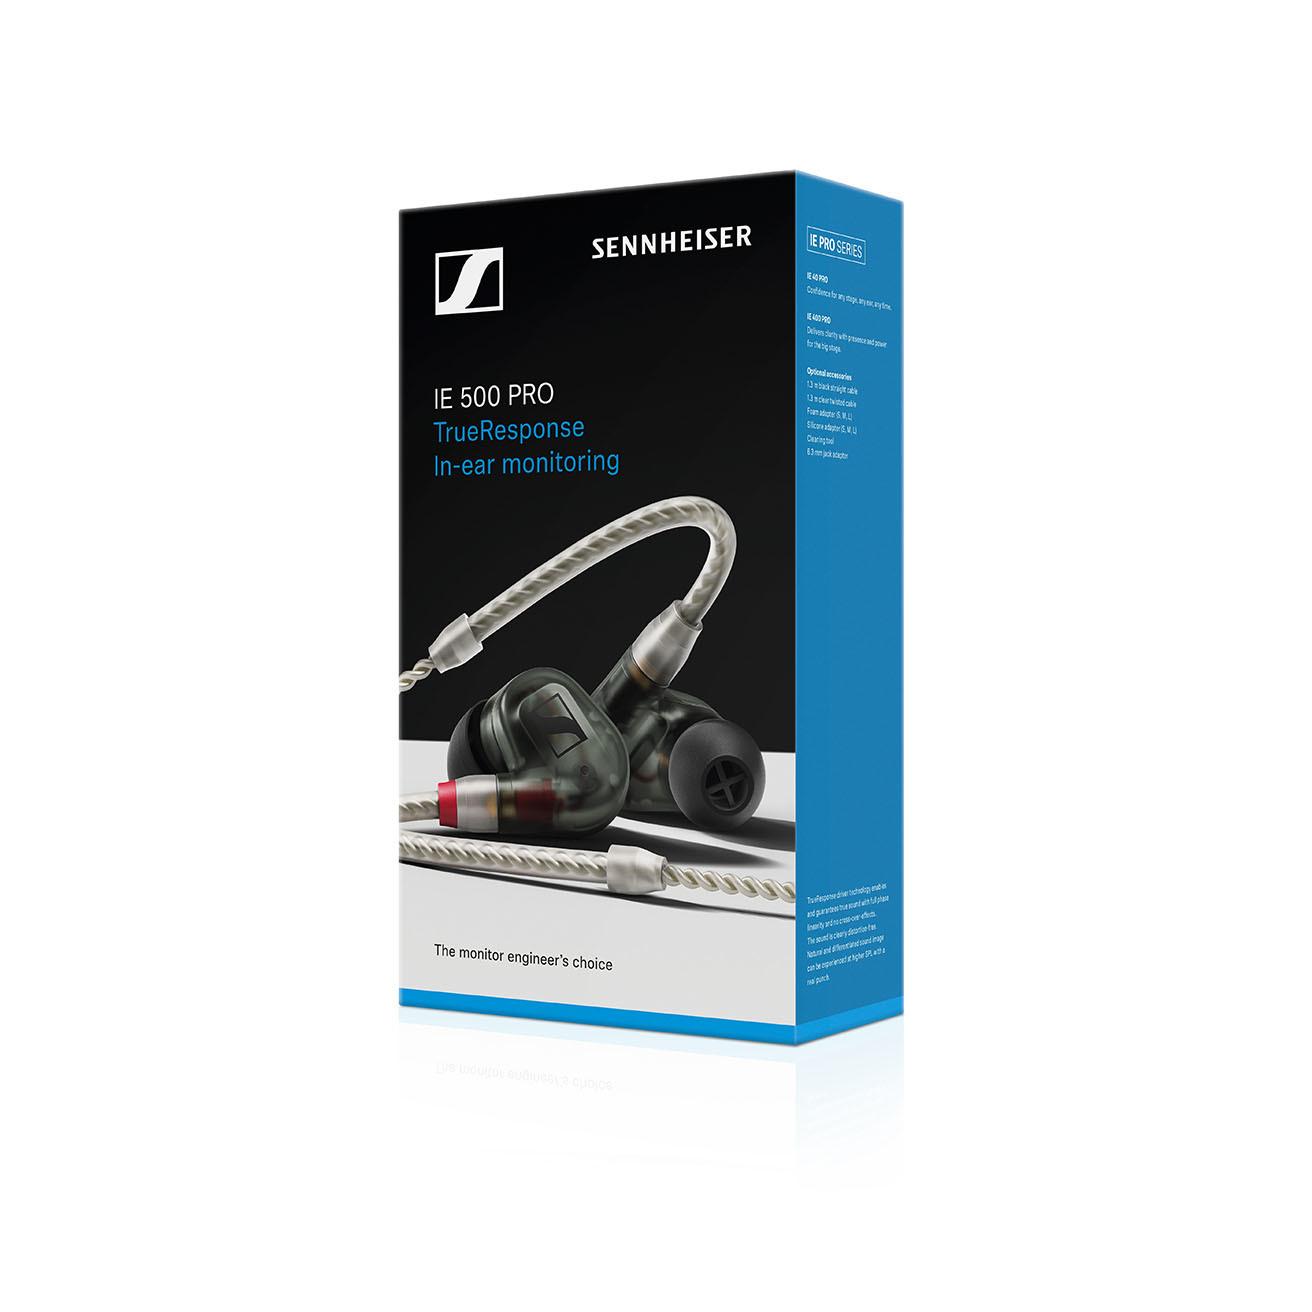 หูฟัง Sennheiser IE 500 PRO Dynamic in-ear monitors